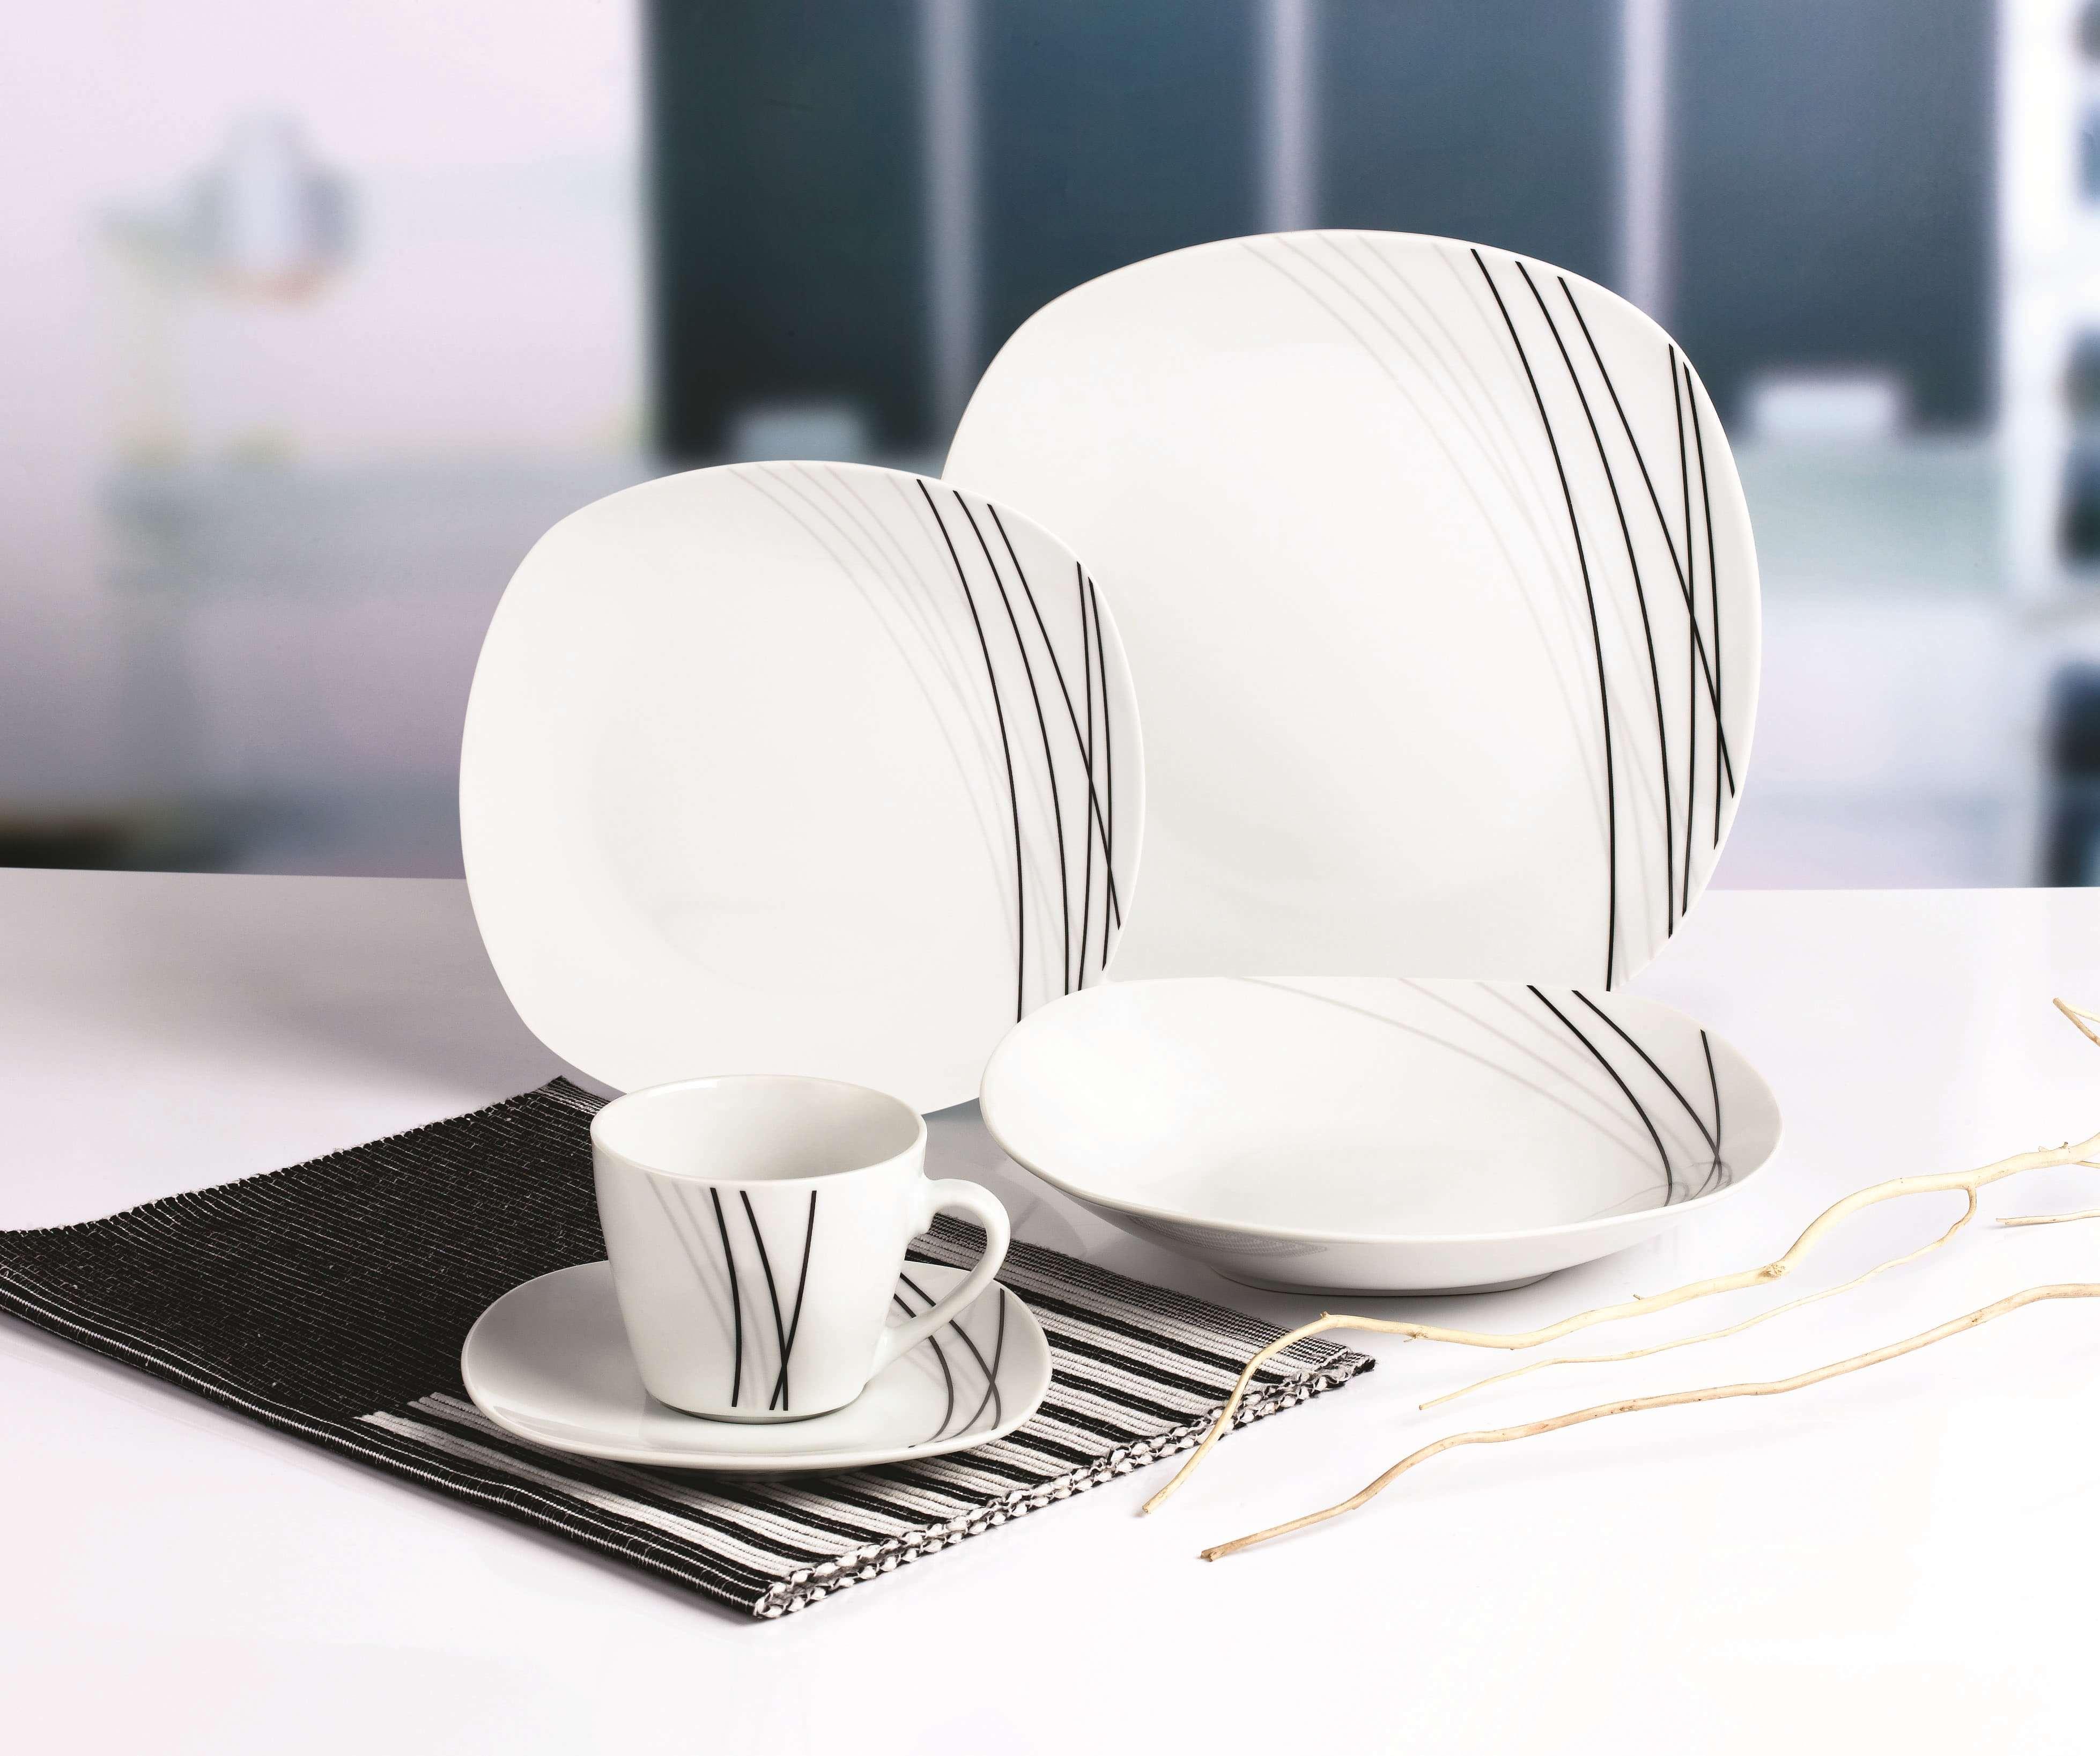 黑色线条方型餐具